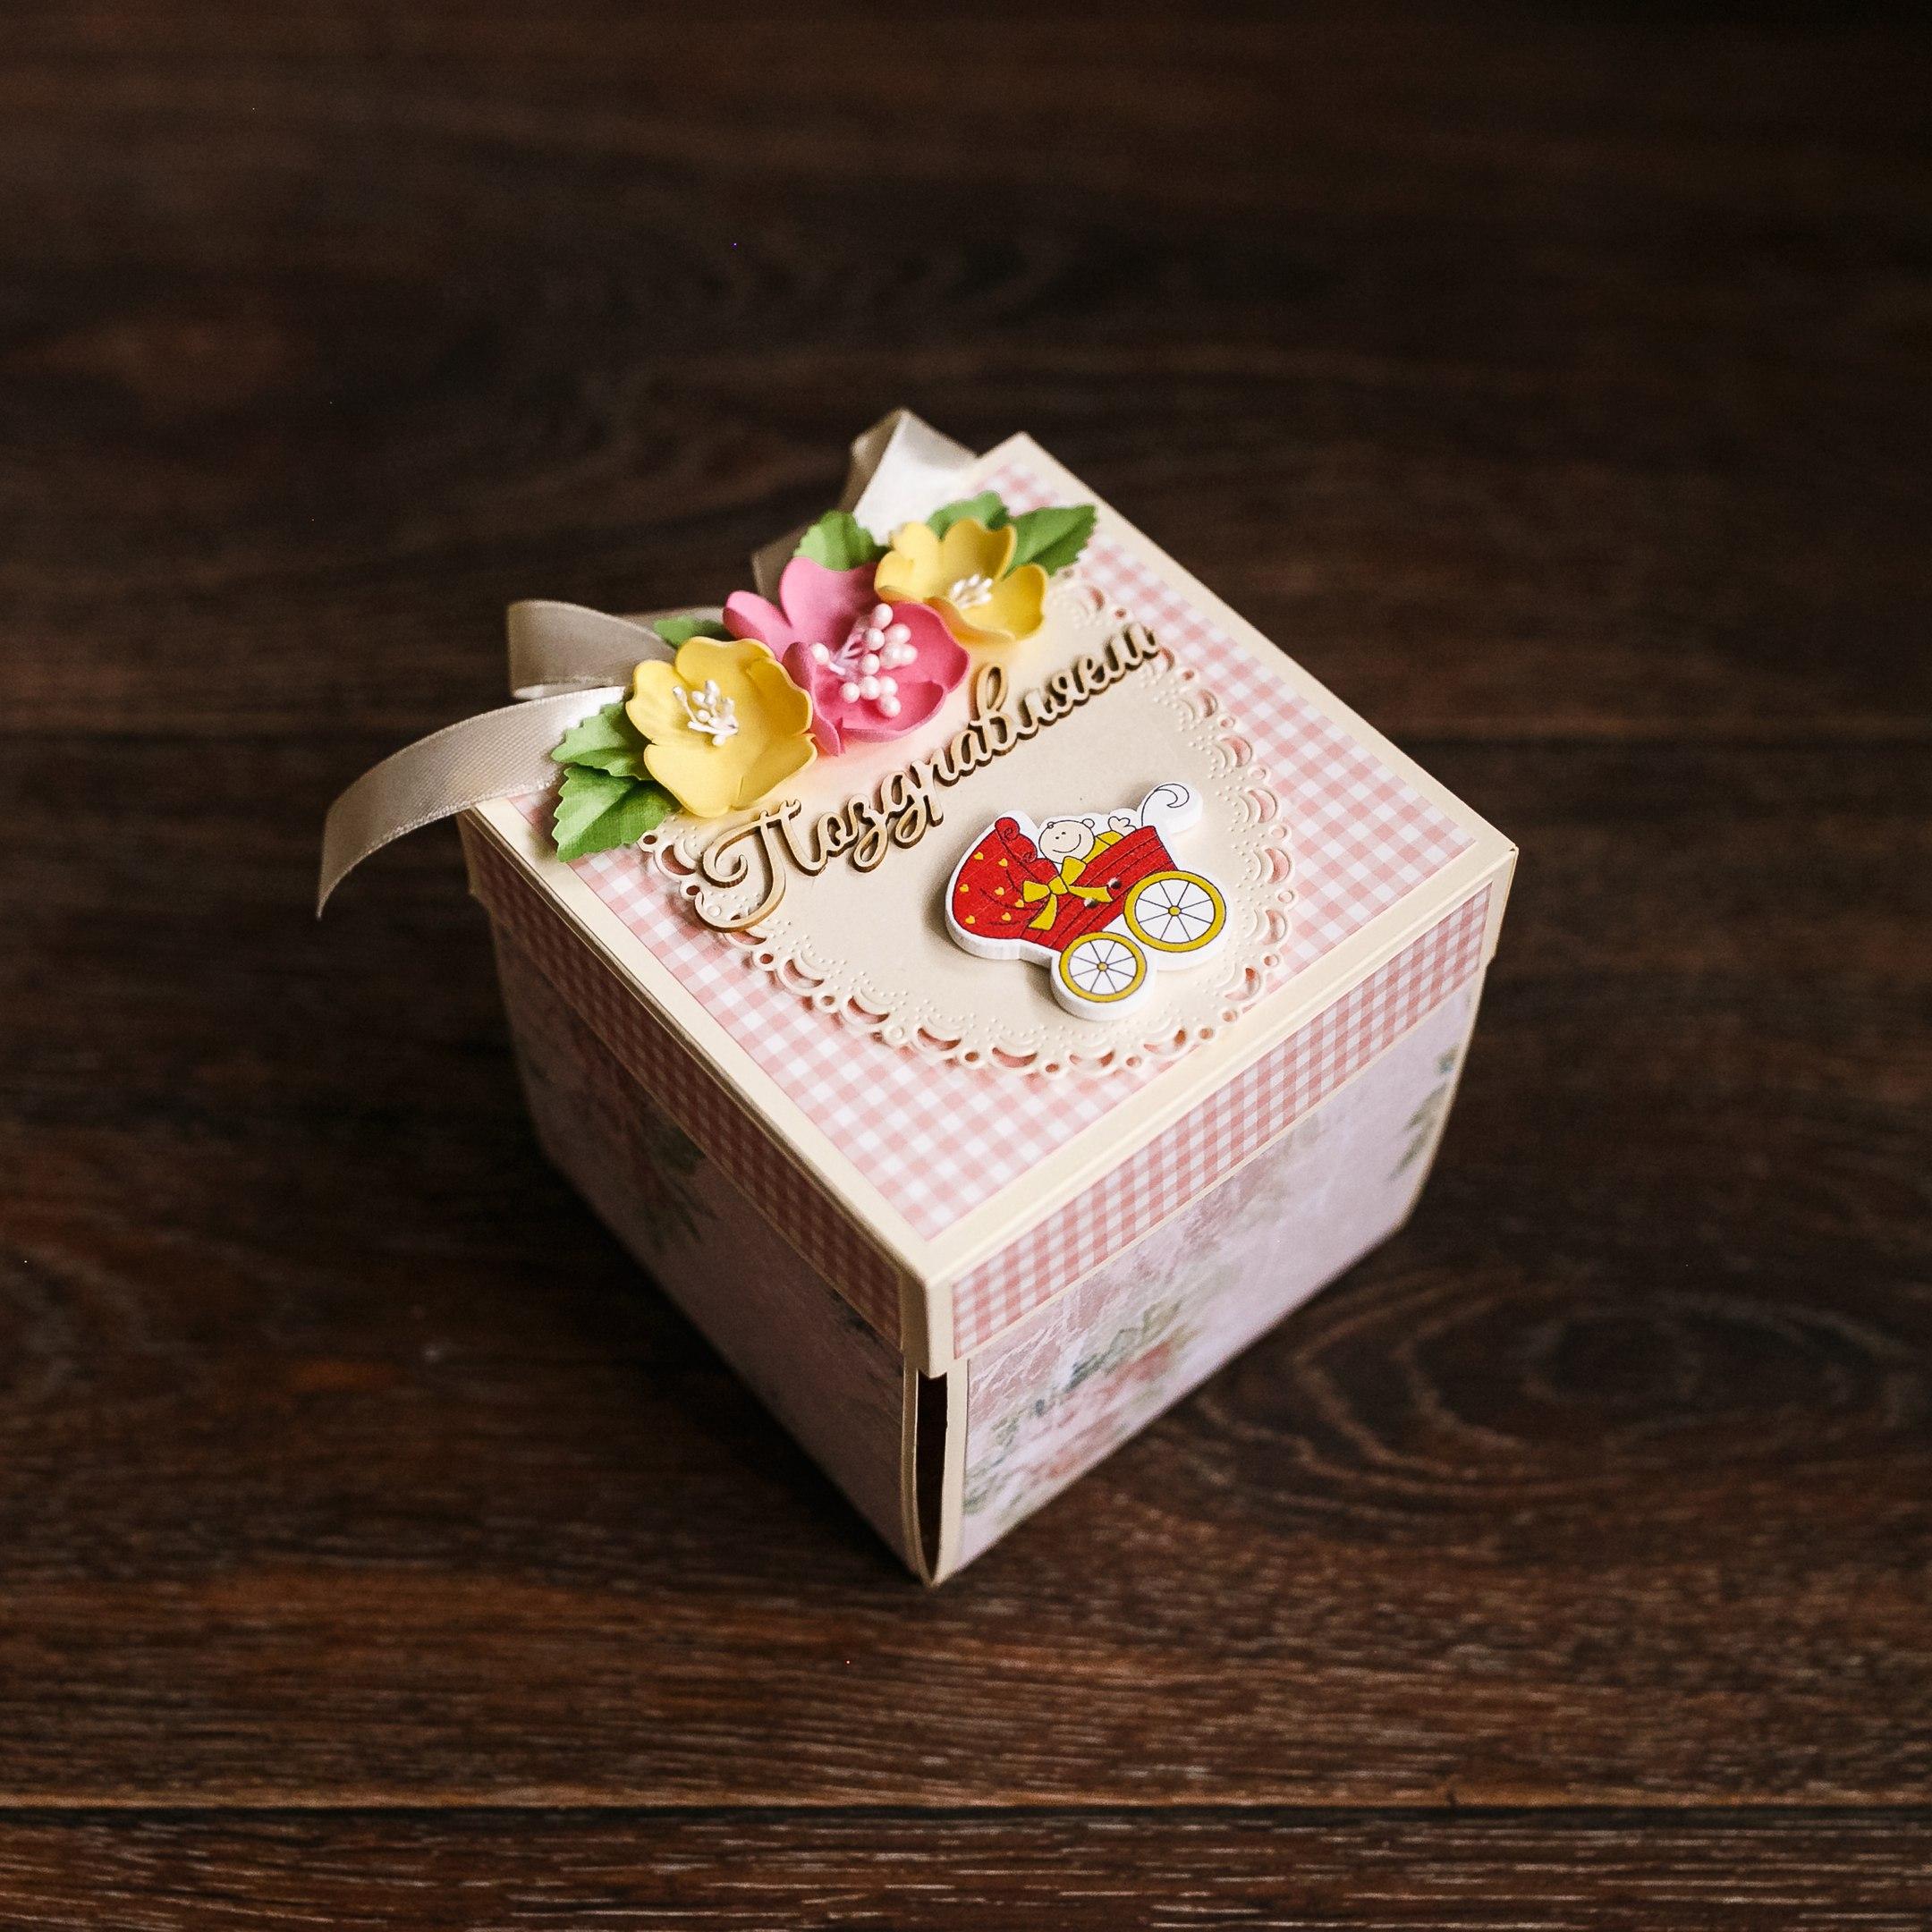 MegaBox : подарки - сюрпризы в 80